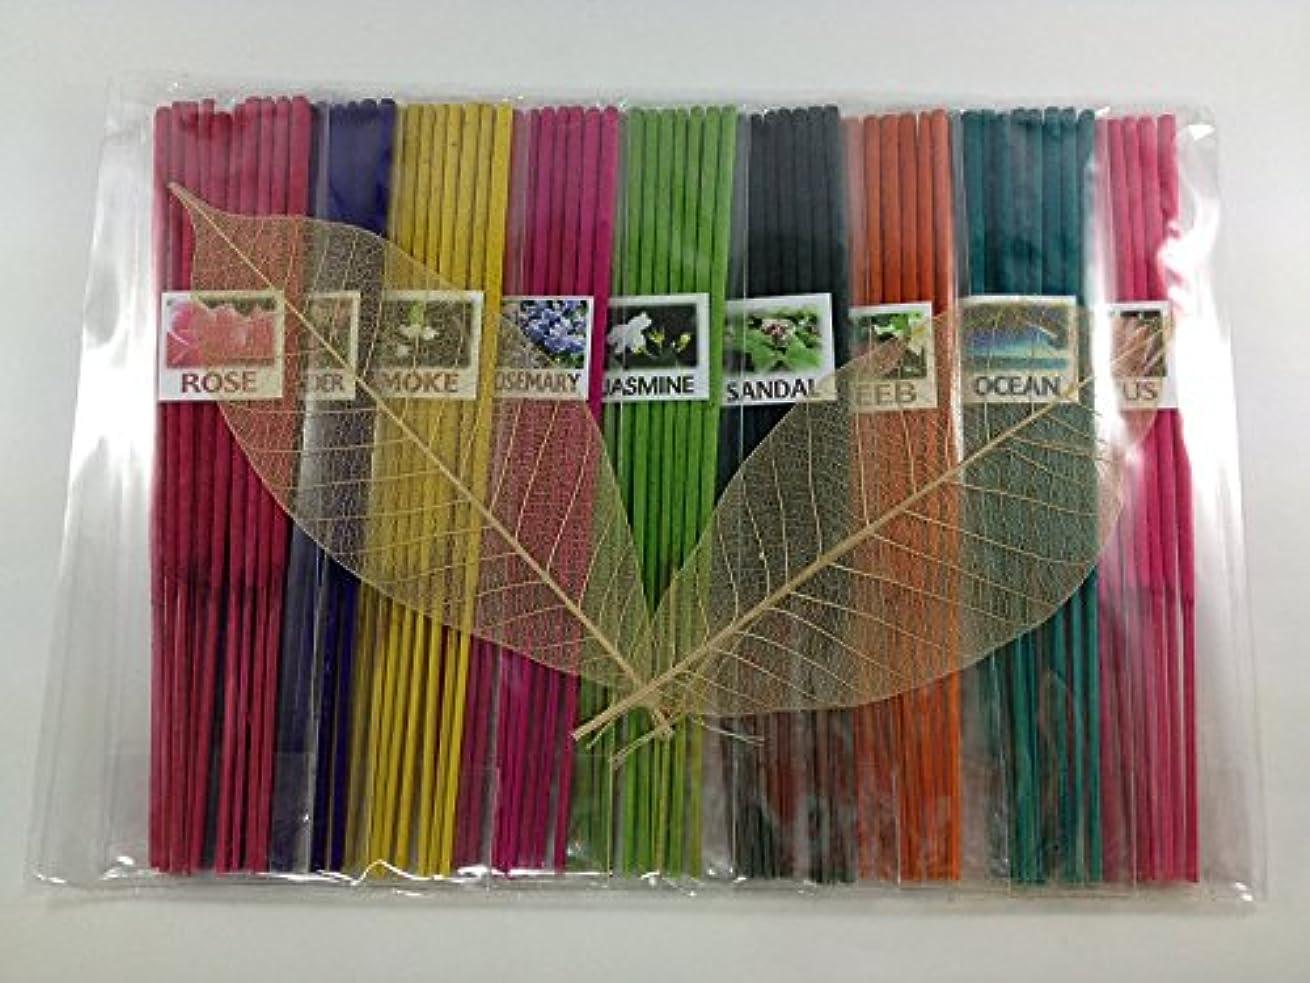 スカリー重要性マザーランドThai Incense Sticks with 9 Aroma Smell - Moke Rosemary Jasmine Sandal Lotus Ocean Rose Lavender Peeb.